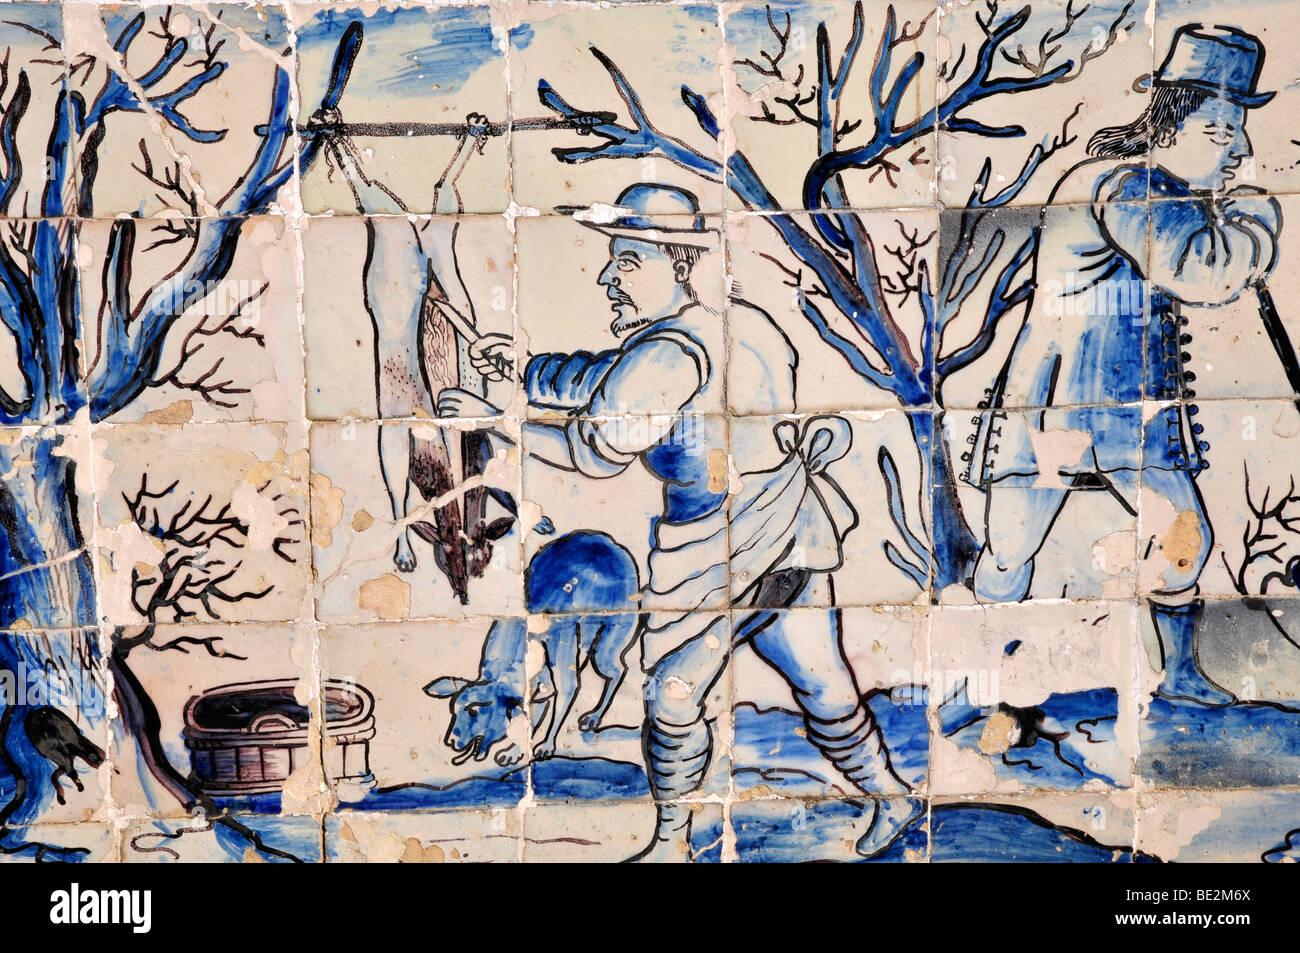 Azulejos, Palácio dos Marqueses de Fronteira, Lisbon, Portugal - Stock Image